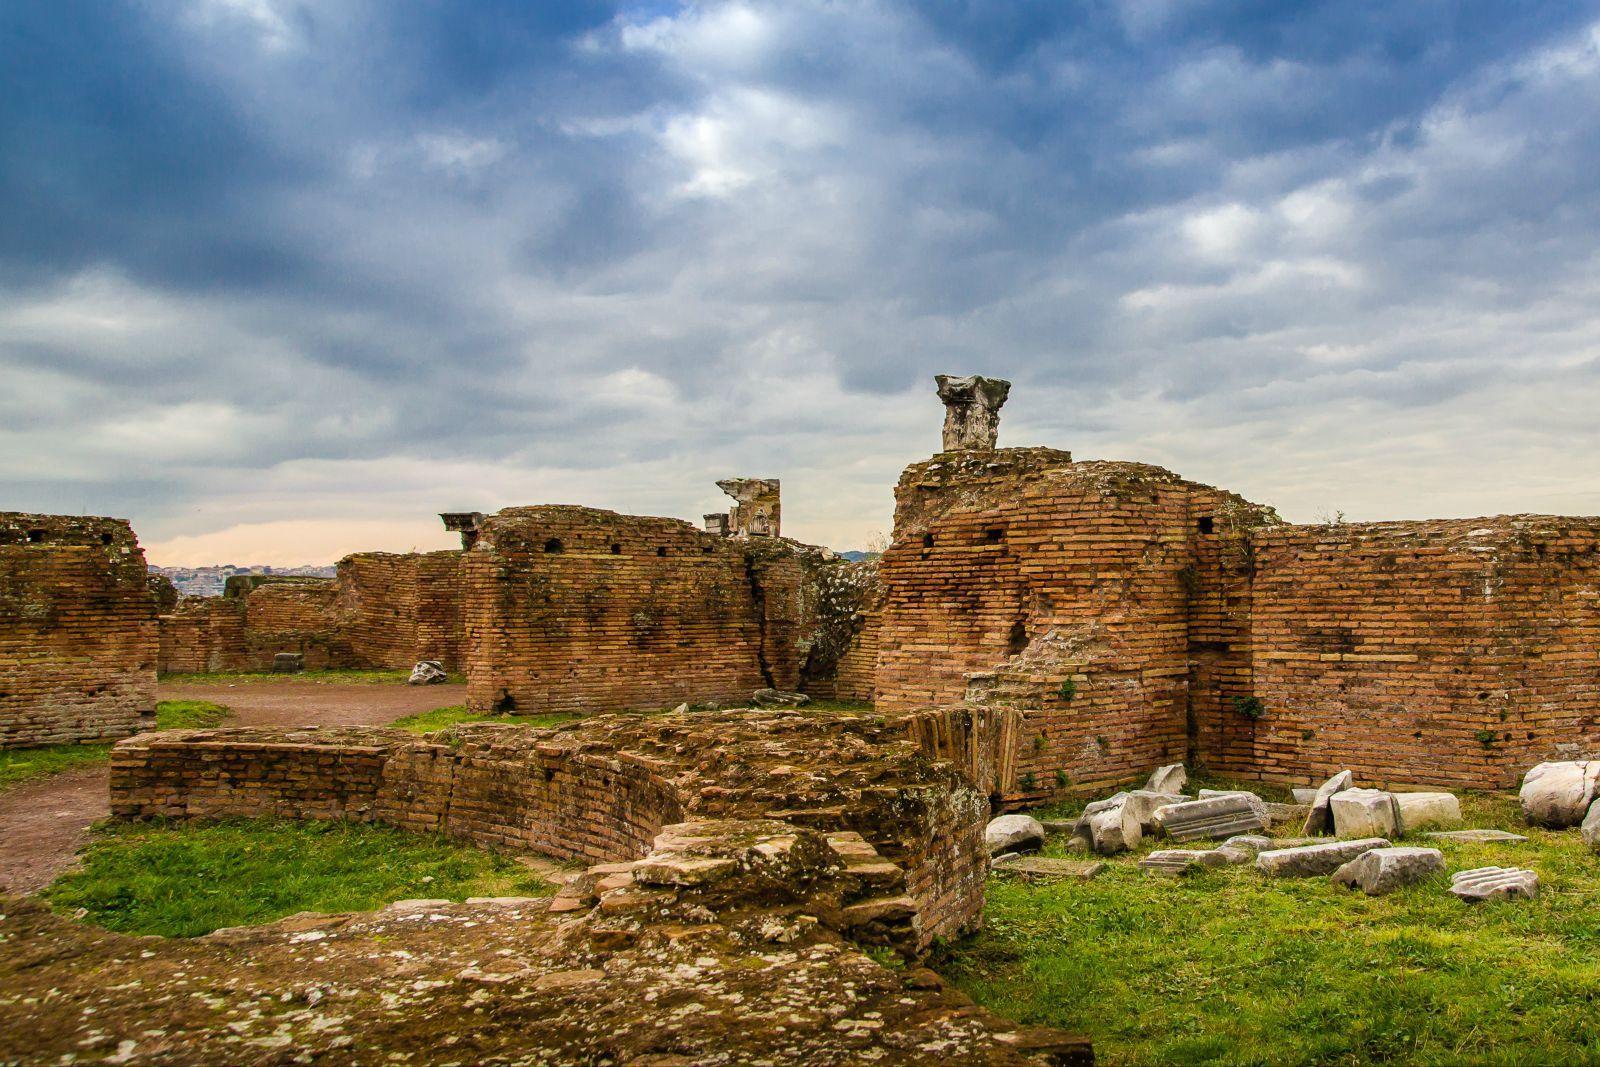 古羅馬遺址(拉丁語:Forum Romanum又稱古羅馬廣場、古羅馬市場、古羅馬廢墟)位于意大利羅馬帕拉蒂尼山與卡比托利歐山(Collis Capitolinus)之間,它是古羅馬時代的城市中心,包括一些羅馬最古老與最重要的建築。凱撒決定要用他的名興建一個廣場。凱撒廣場廣場在公元前46年啟用。當時廣場還沒完工,而是到了奧古斯都的領導下才正式完工。這神殿在公元前2年正式啟用。同時也加入一個配合性的紀念廣場,即奧古斯都廣場。新的建築和凱撒廣場成為直角。戰神殿有很高的牆,至今還是在蘇布拉平民區鶴立雞群。這方形的